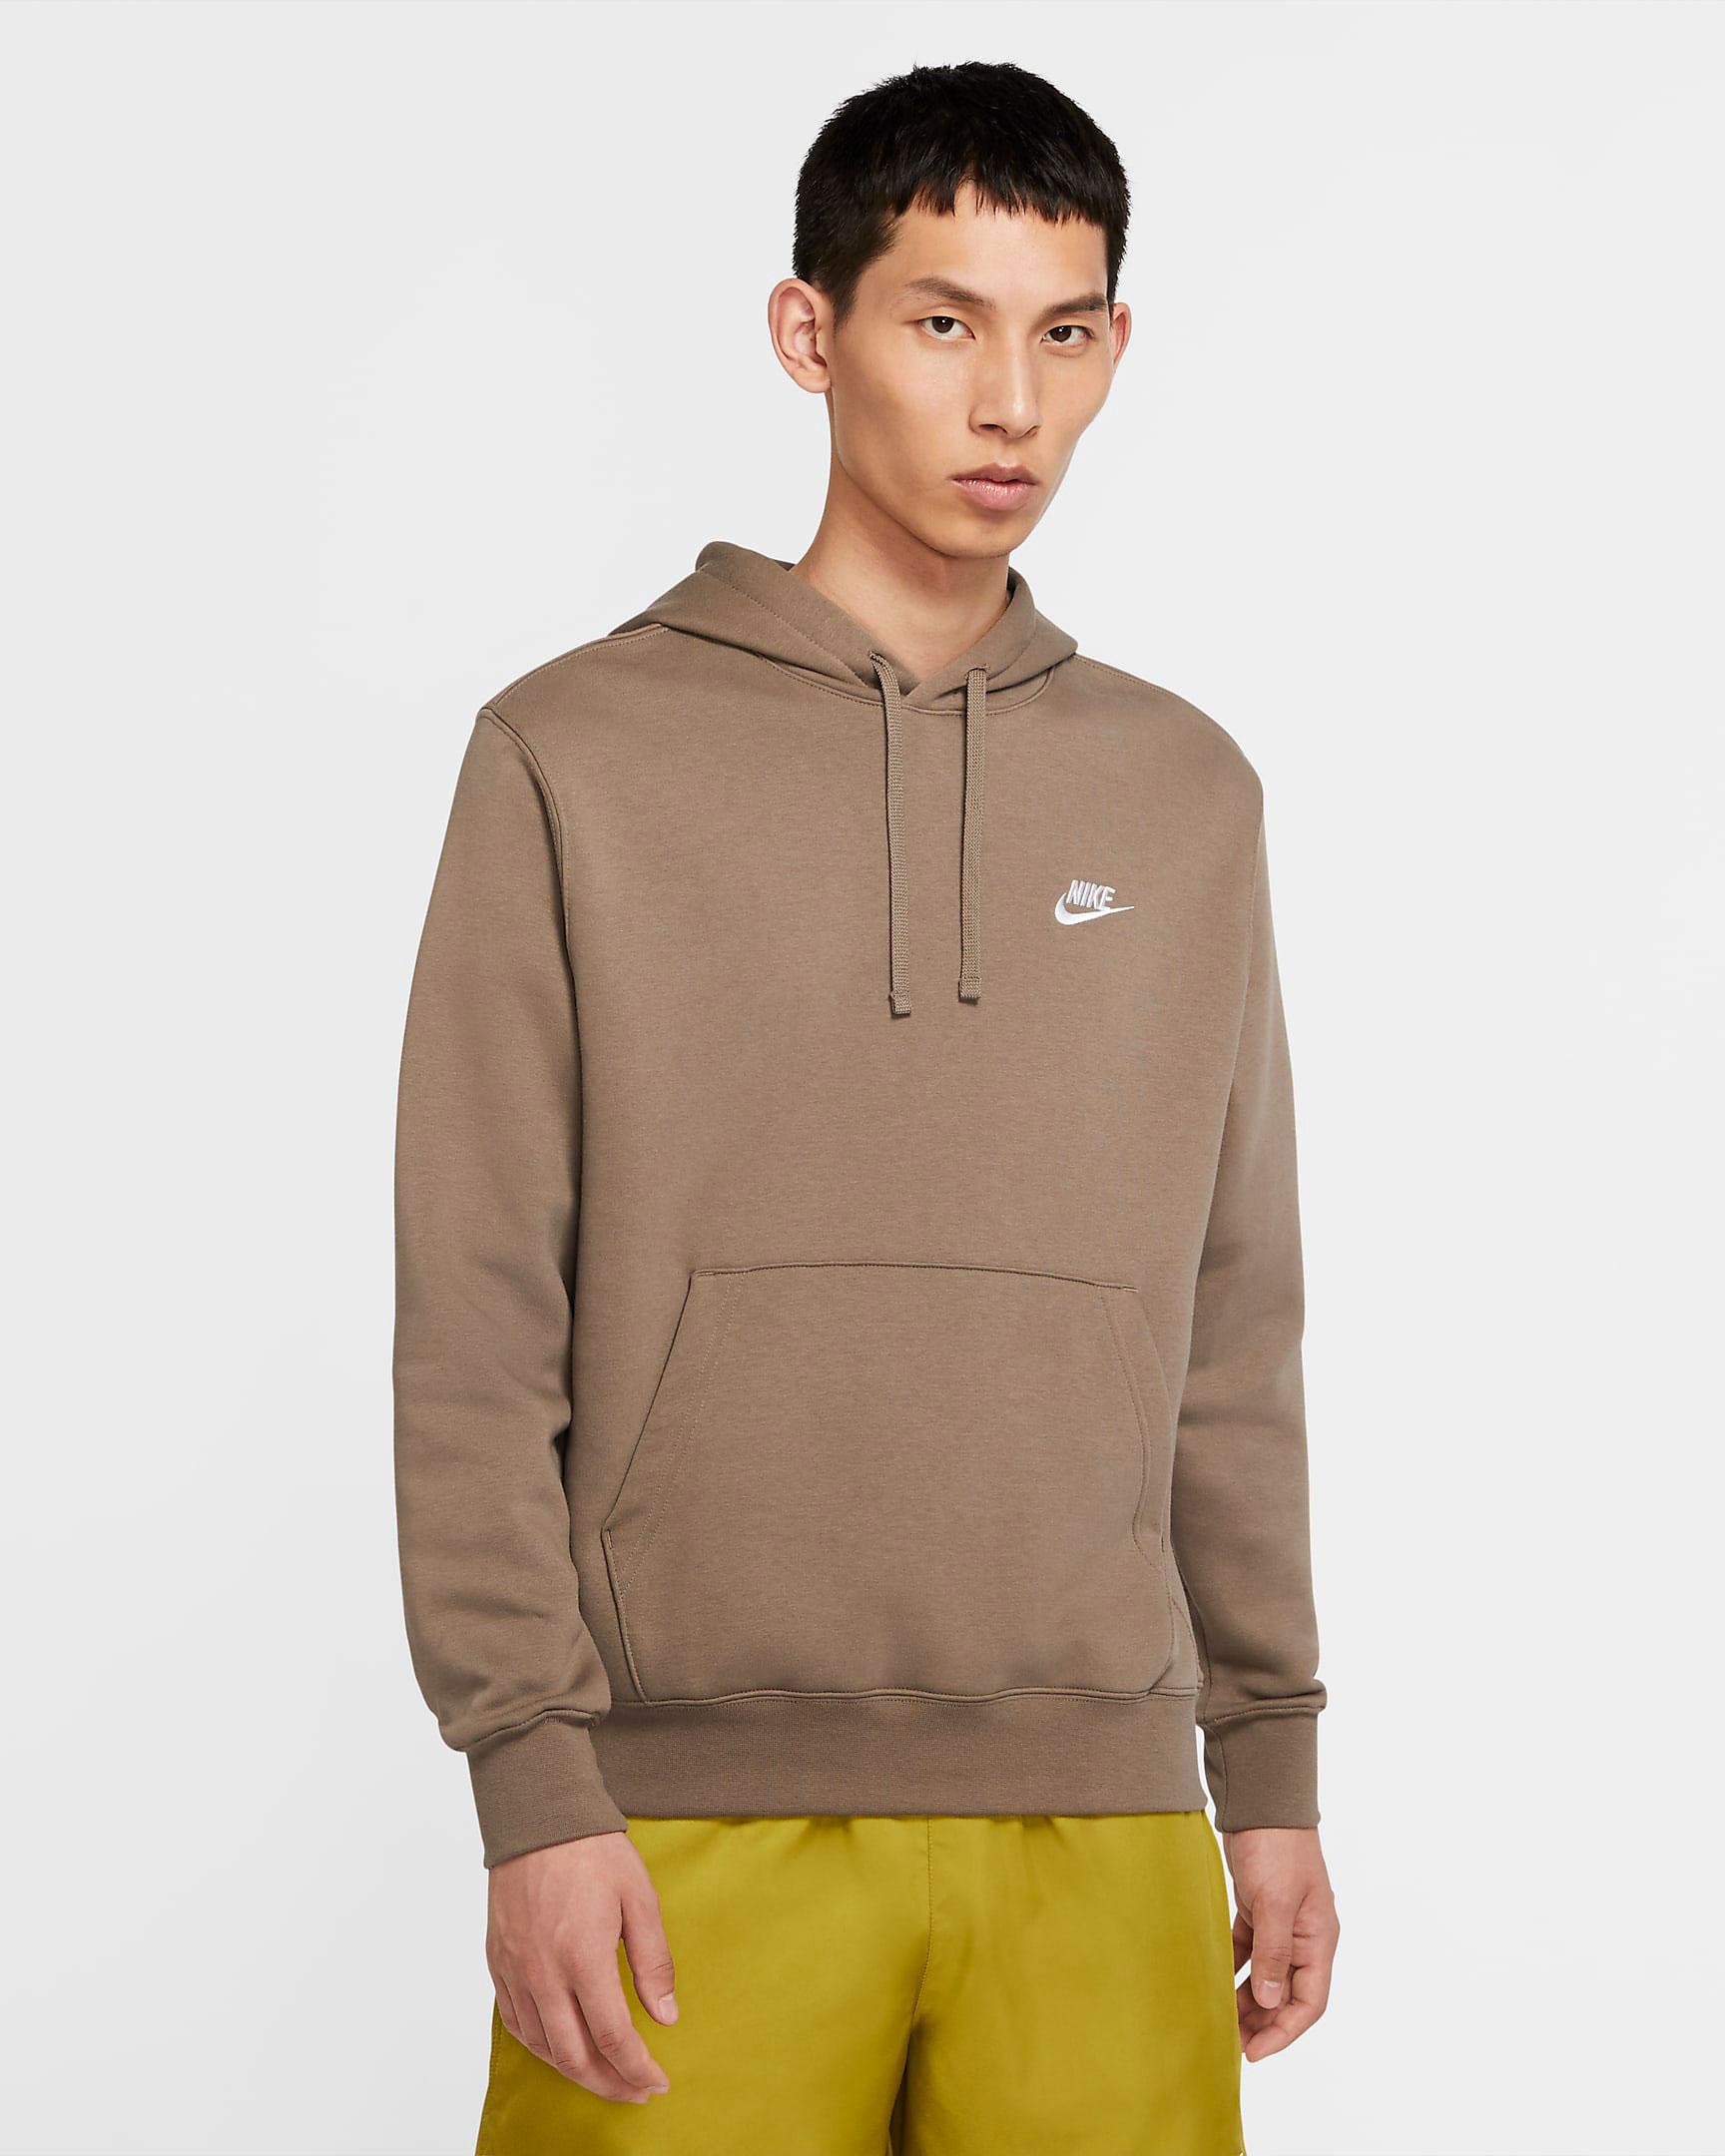 jordan-1-bio-hack-nike-hoodie-match-brown